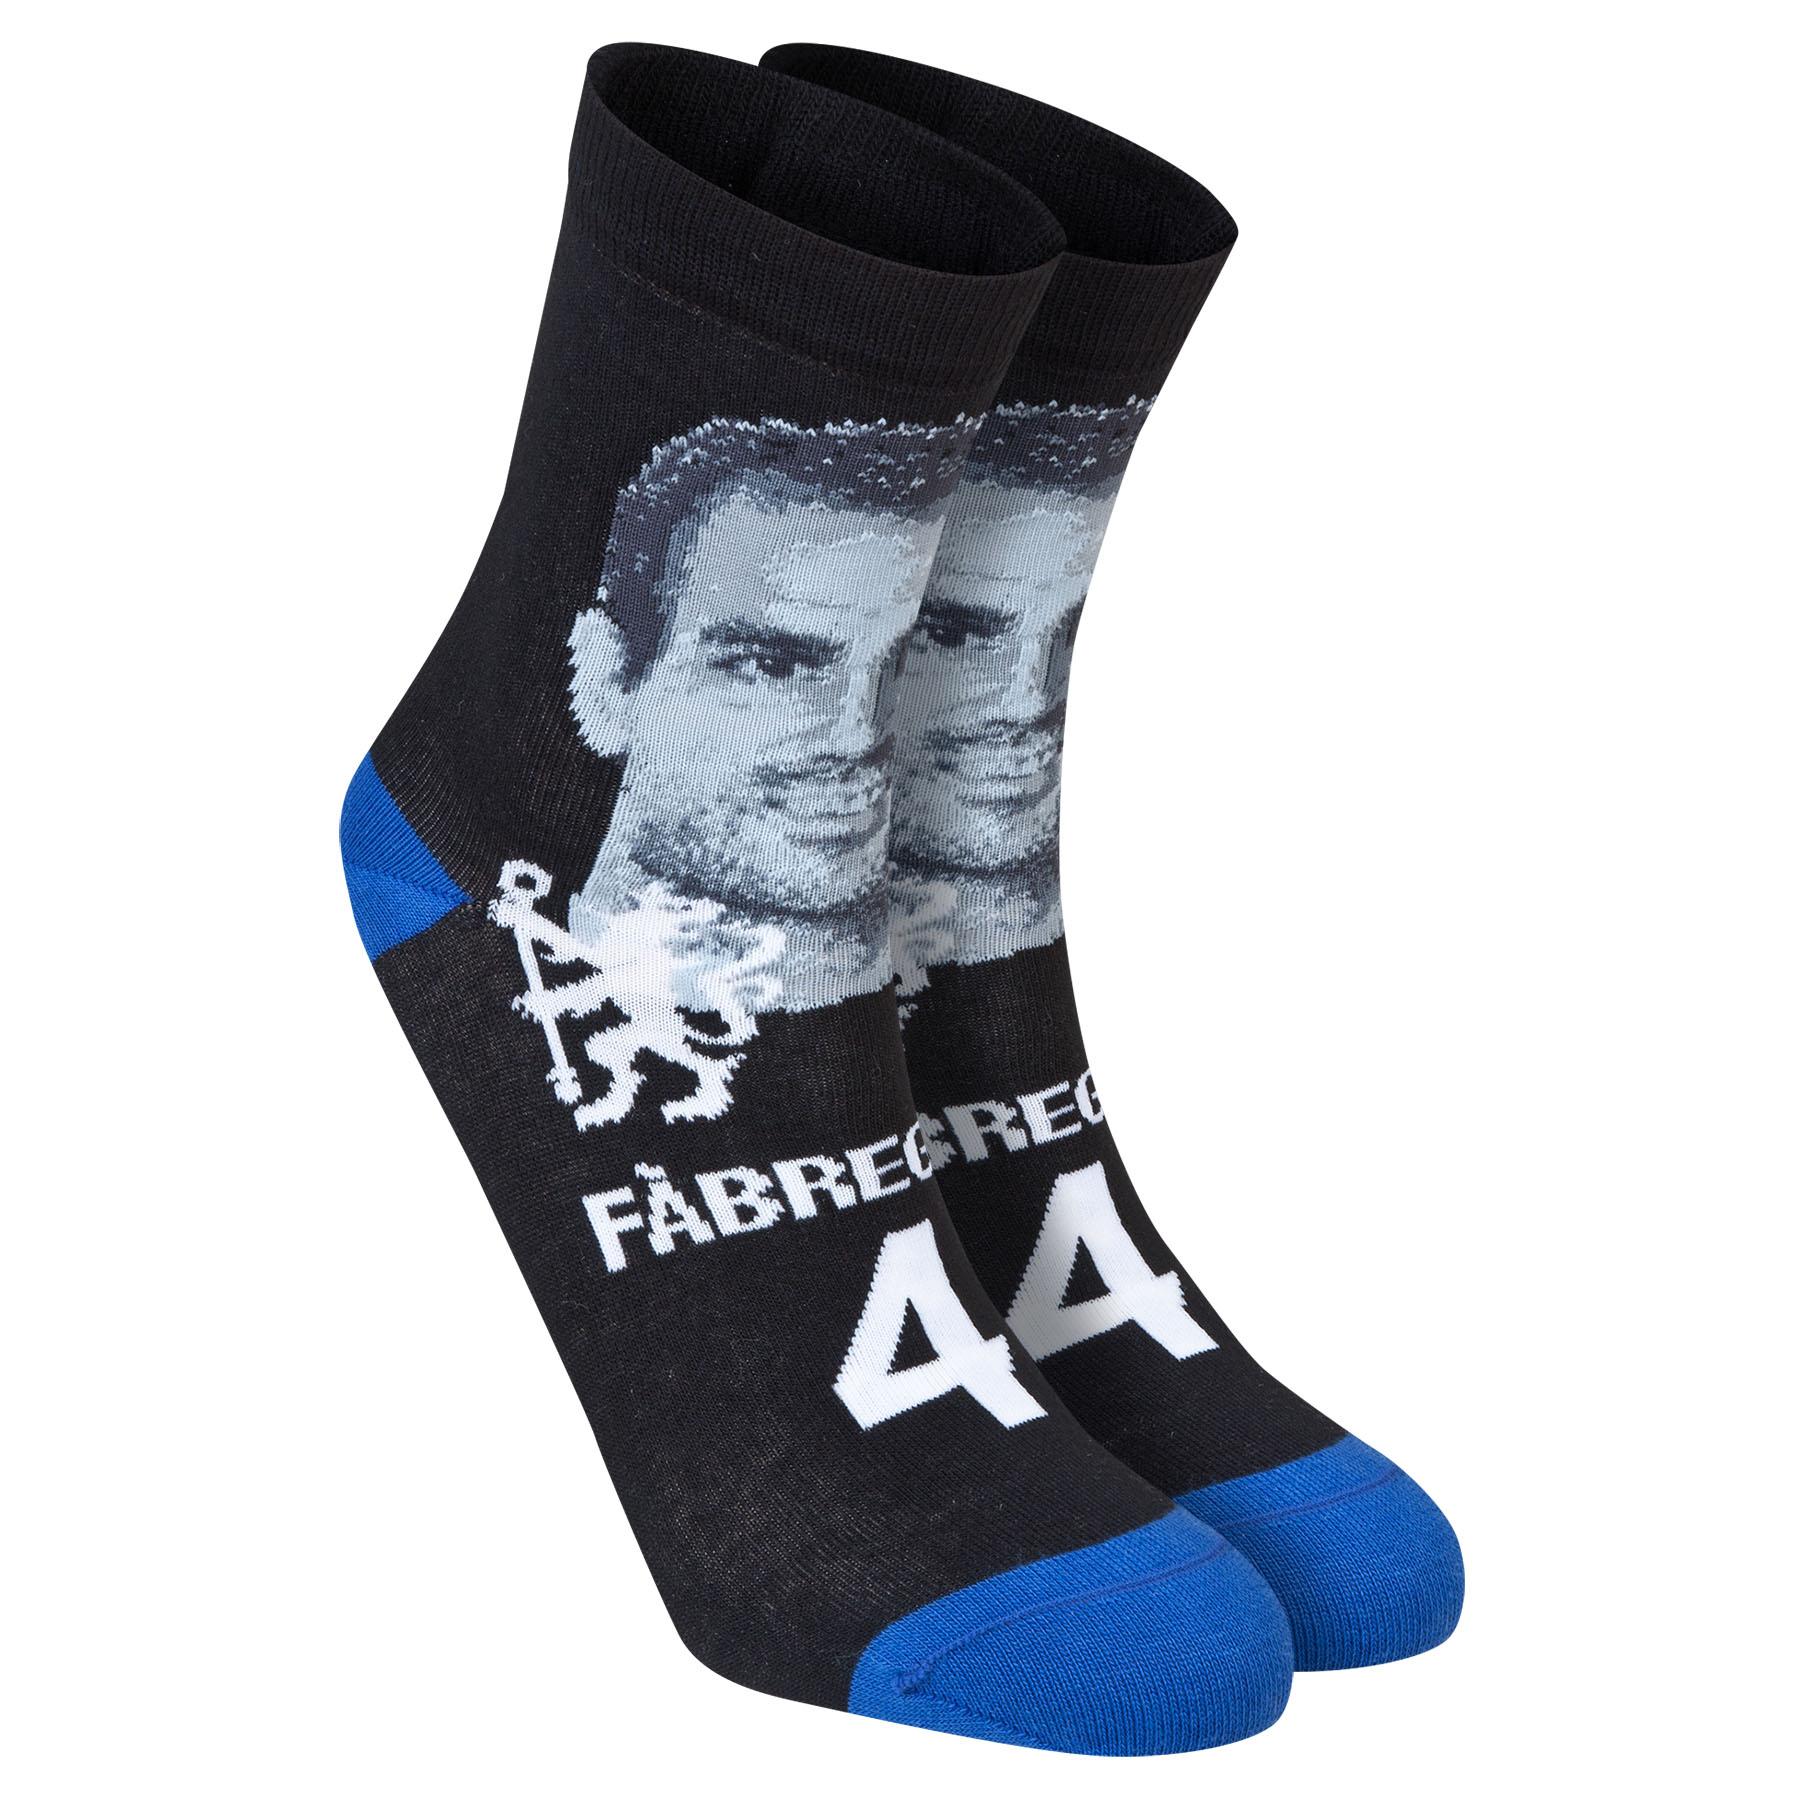 Chelsea Fabregas Player Socks - Black - Mens